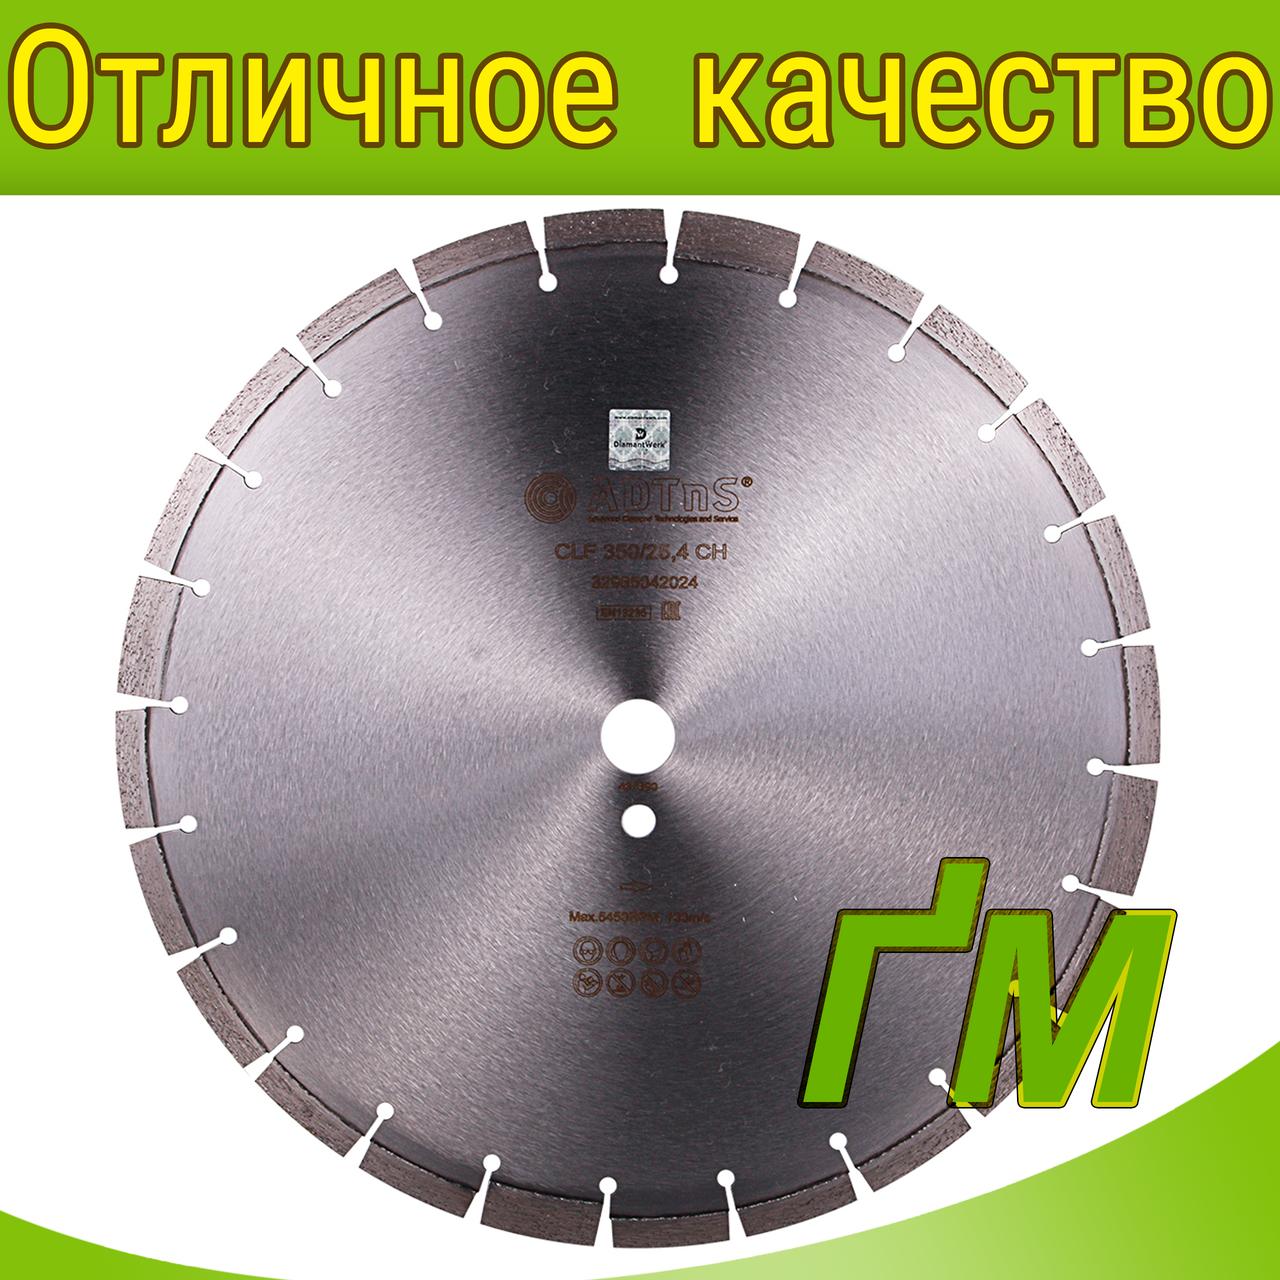 Диски алмазные для бензорезов и швонарезчиков ADTNS CLF CH 1A1RSS/C3N-W 500x4,5/3,5x10x35-36 F6 CLF 500/35